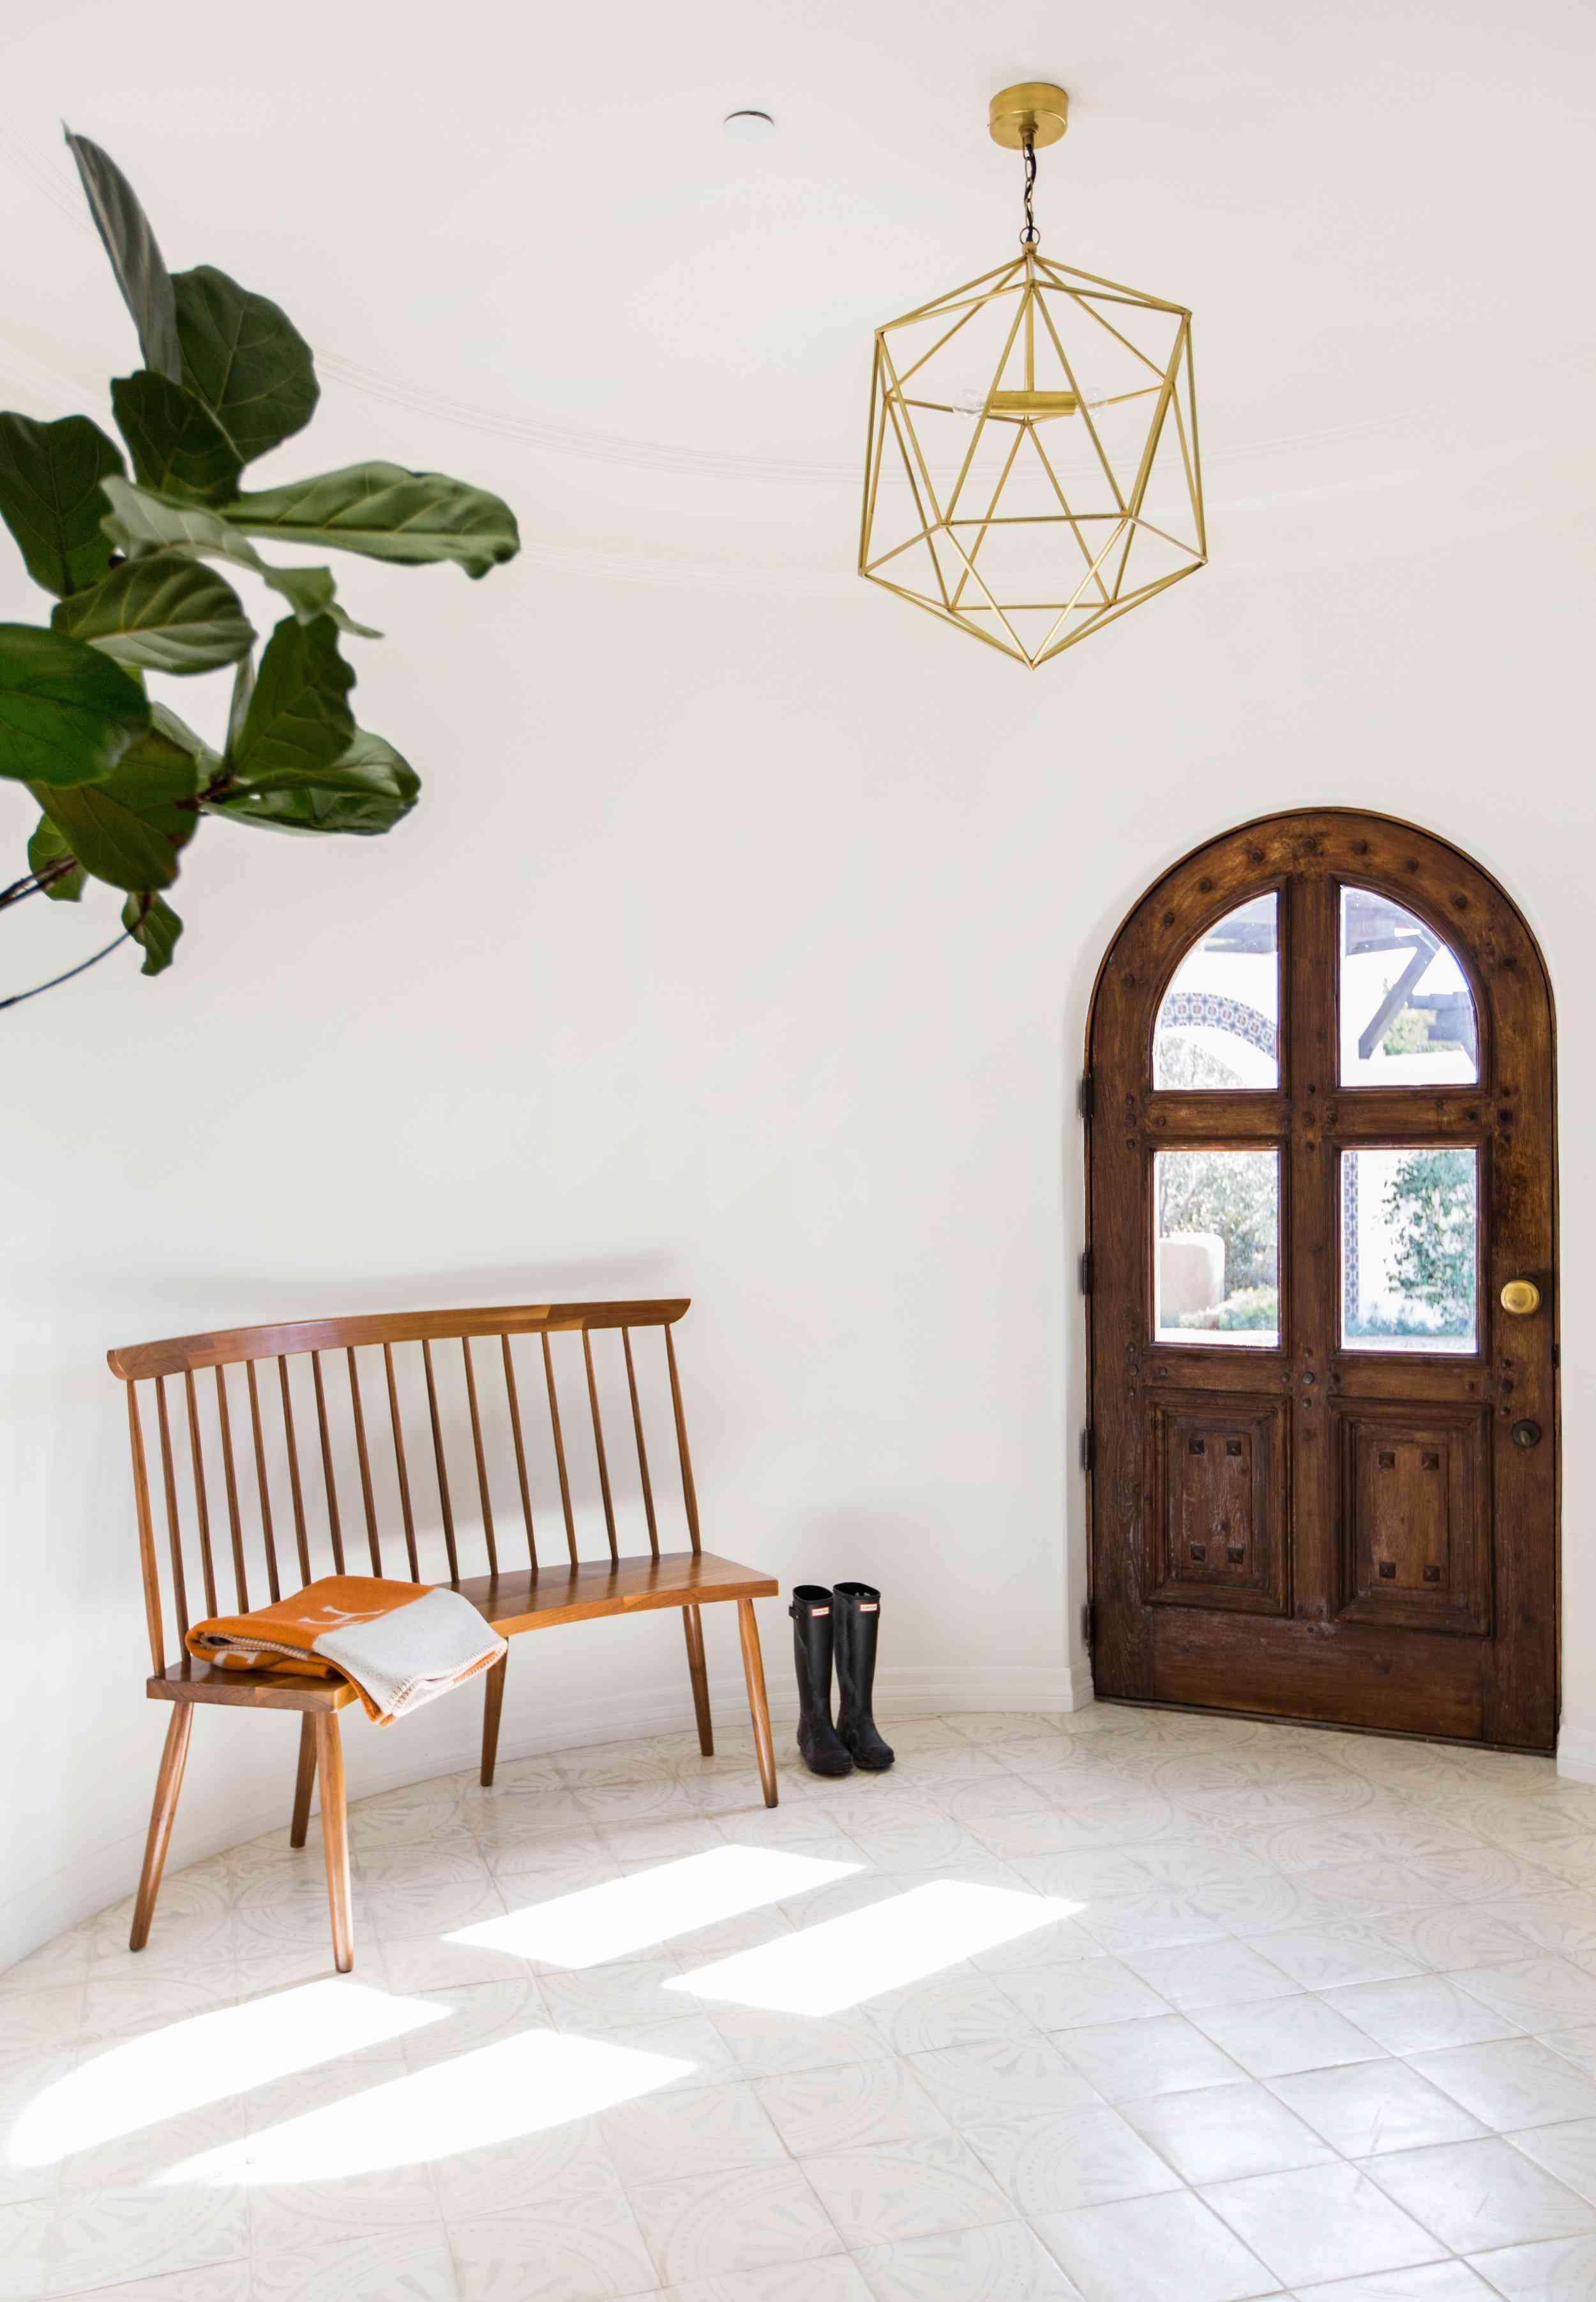 entryway with wooden rounded door, golden chandelier, wooden bench